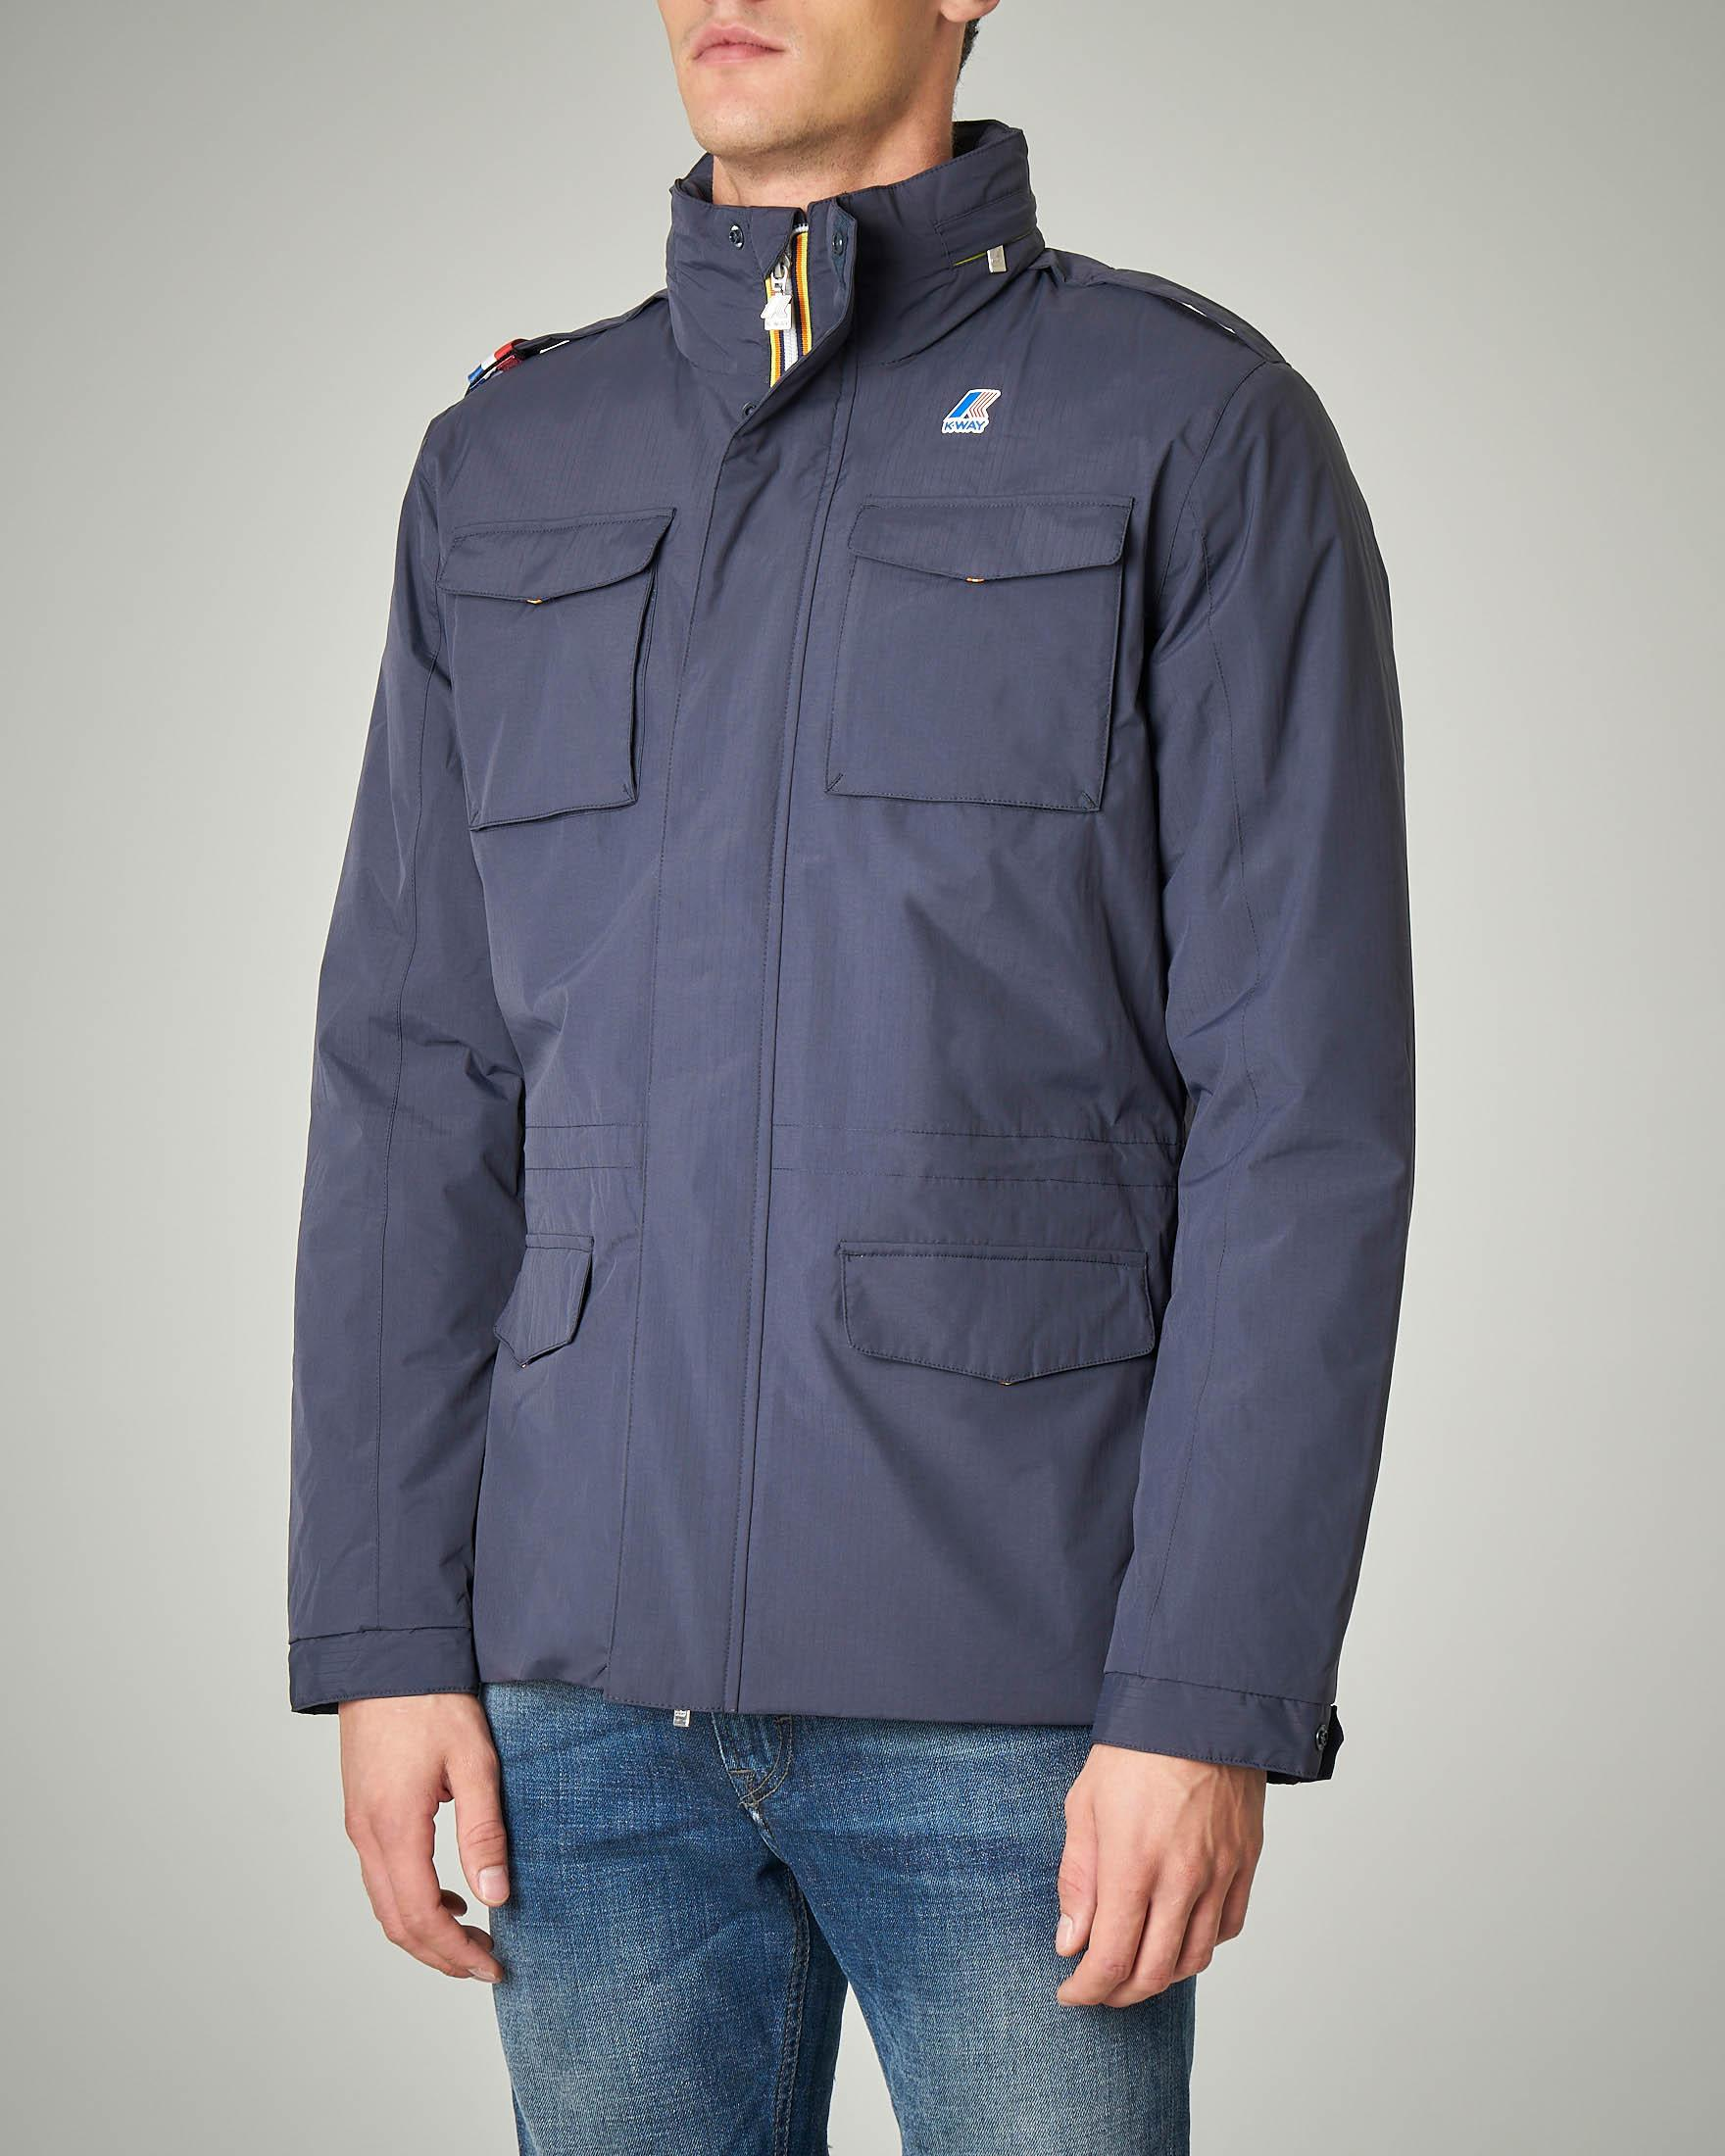 Field Jacket blu in nylon Ripstop